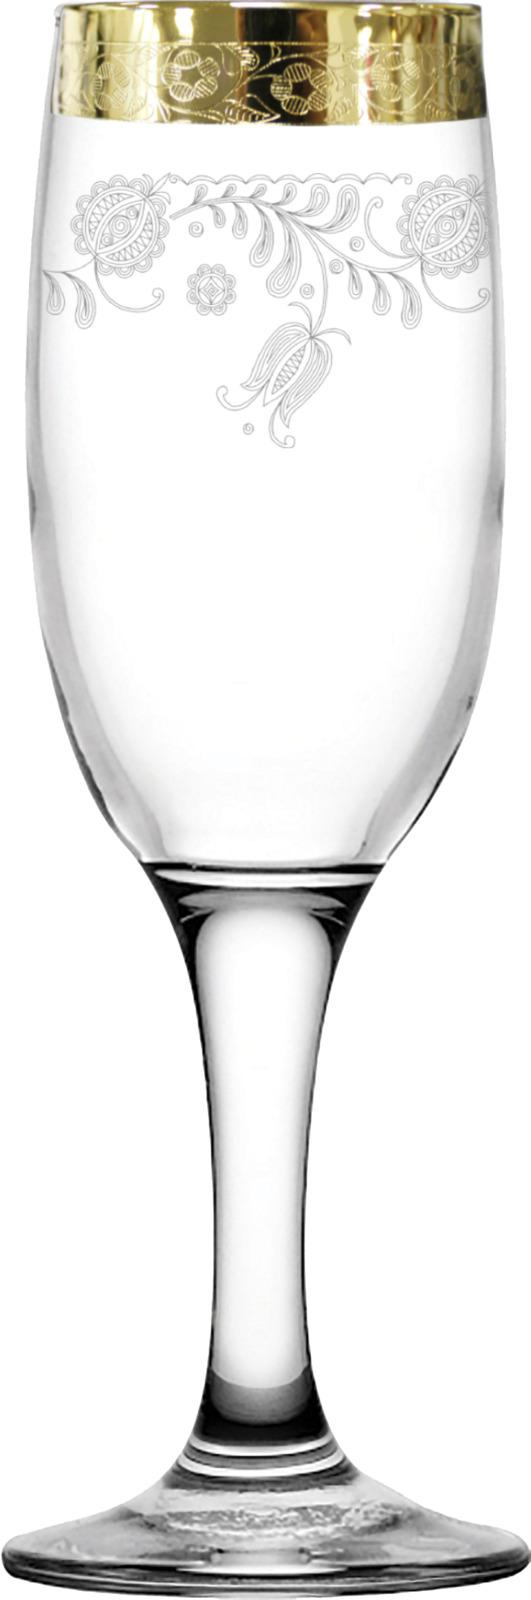 Набор бокалов Гусь-Хрустальный Нежность, TAV34-419, 190 мл, 6 шт набор бокалов гусь хрустальный золотой карат